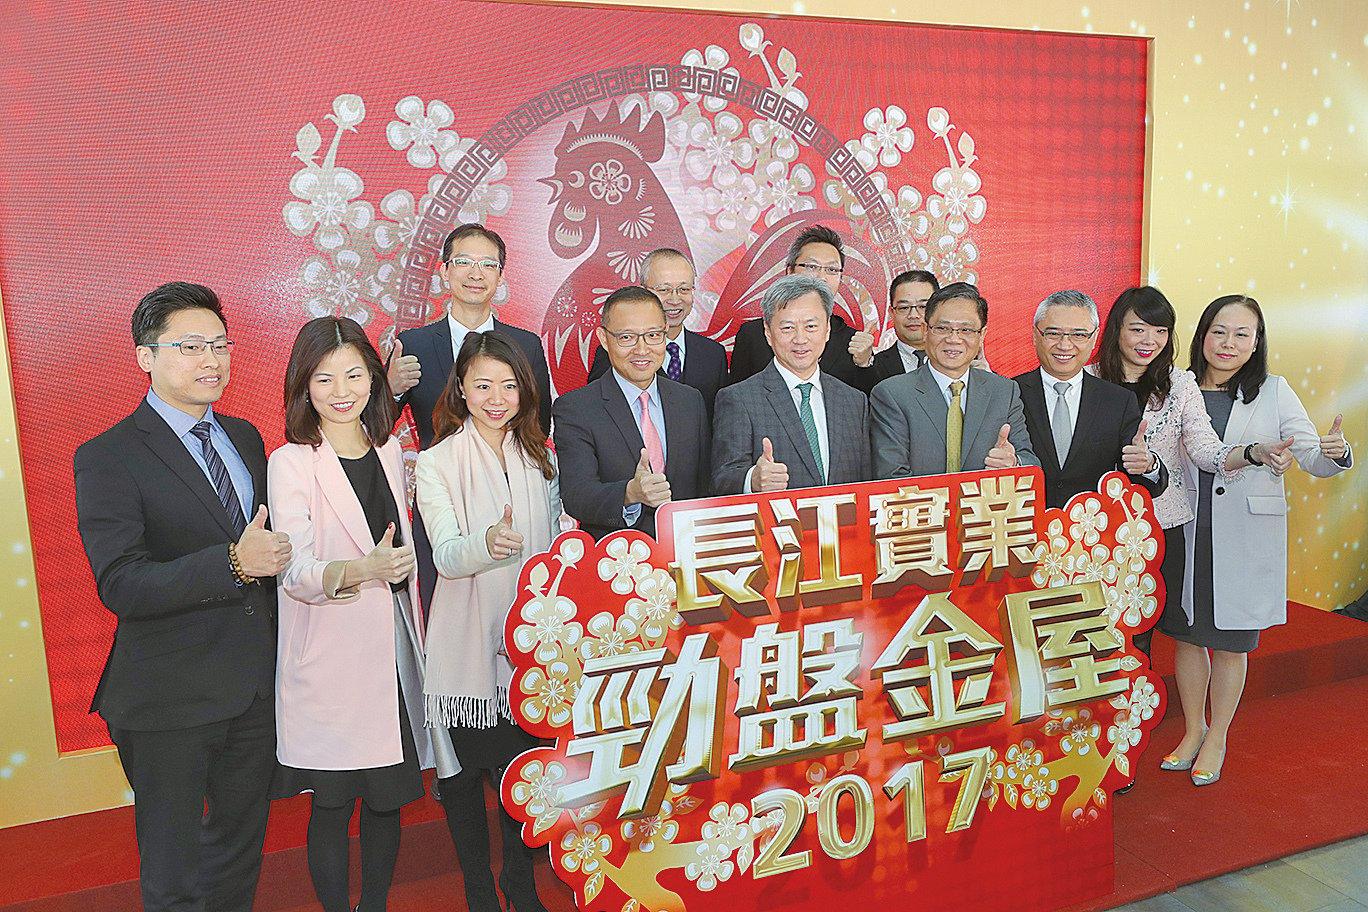 2017年長實地產推6新盤,長實執董趙國雄稱用洪荒之力樓照賣。(余鋼/大紀元)